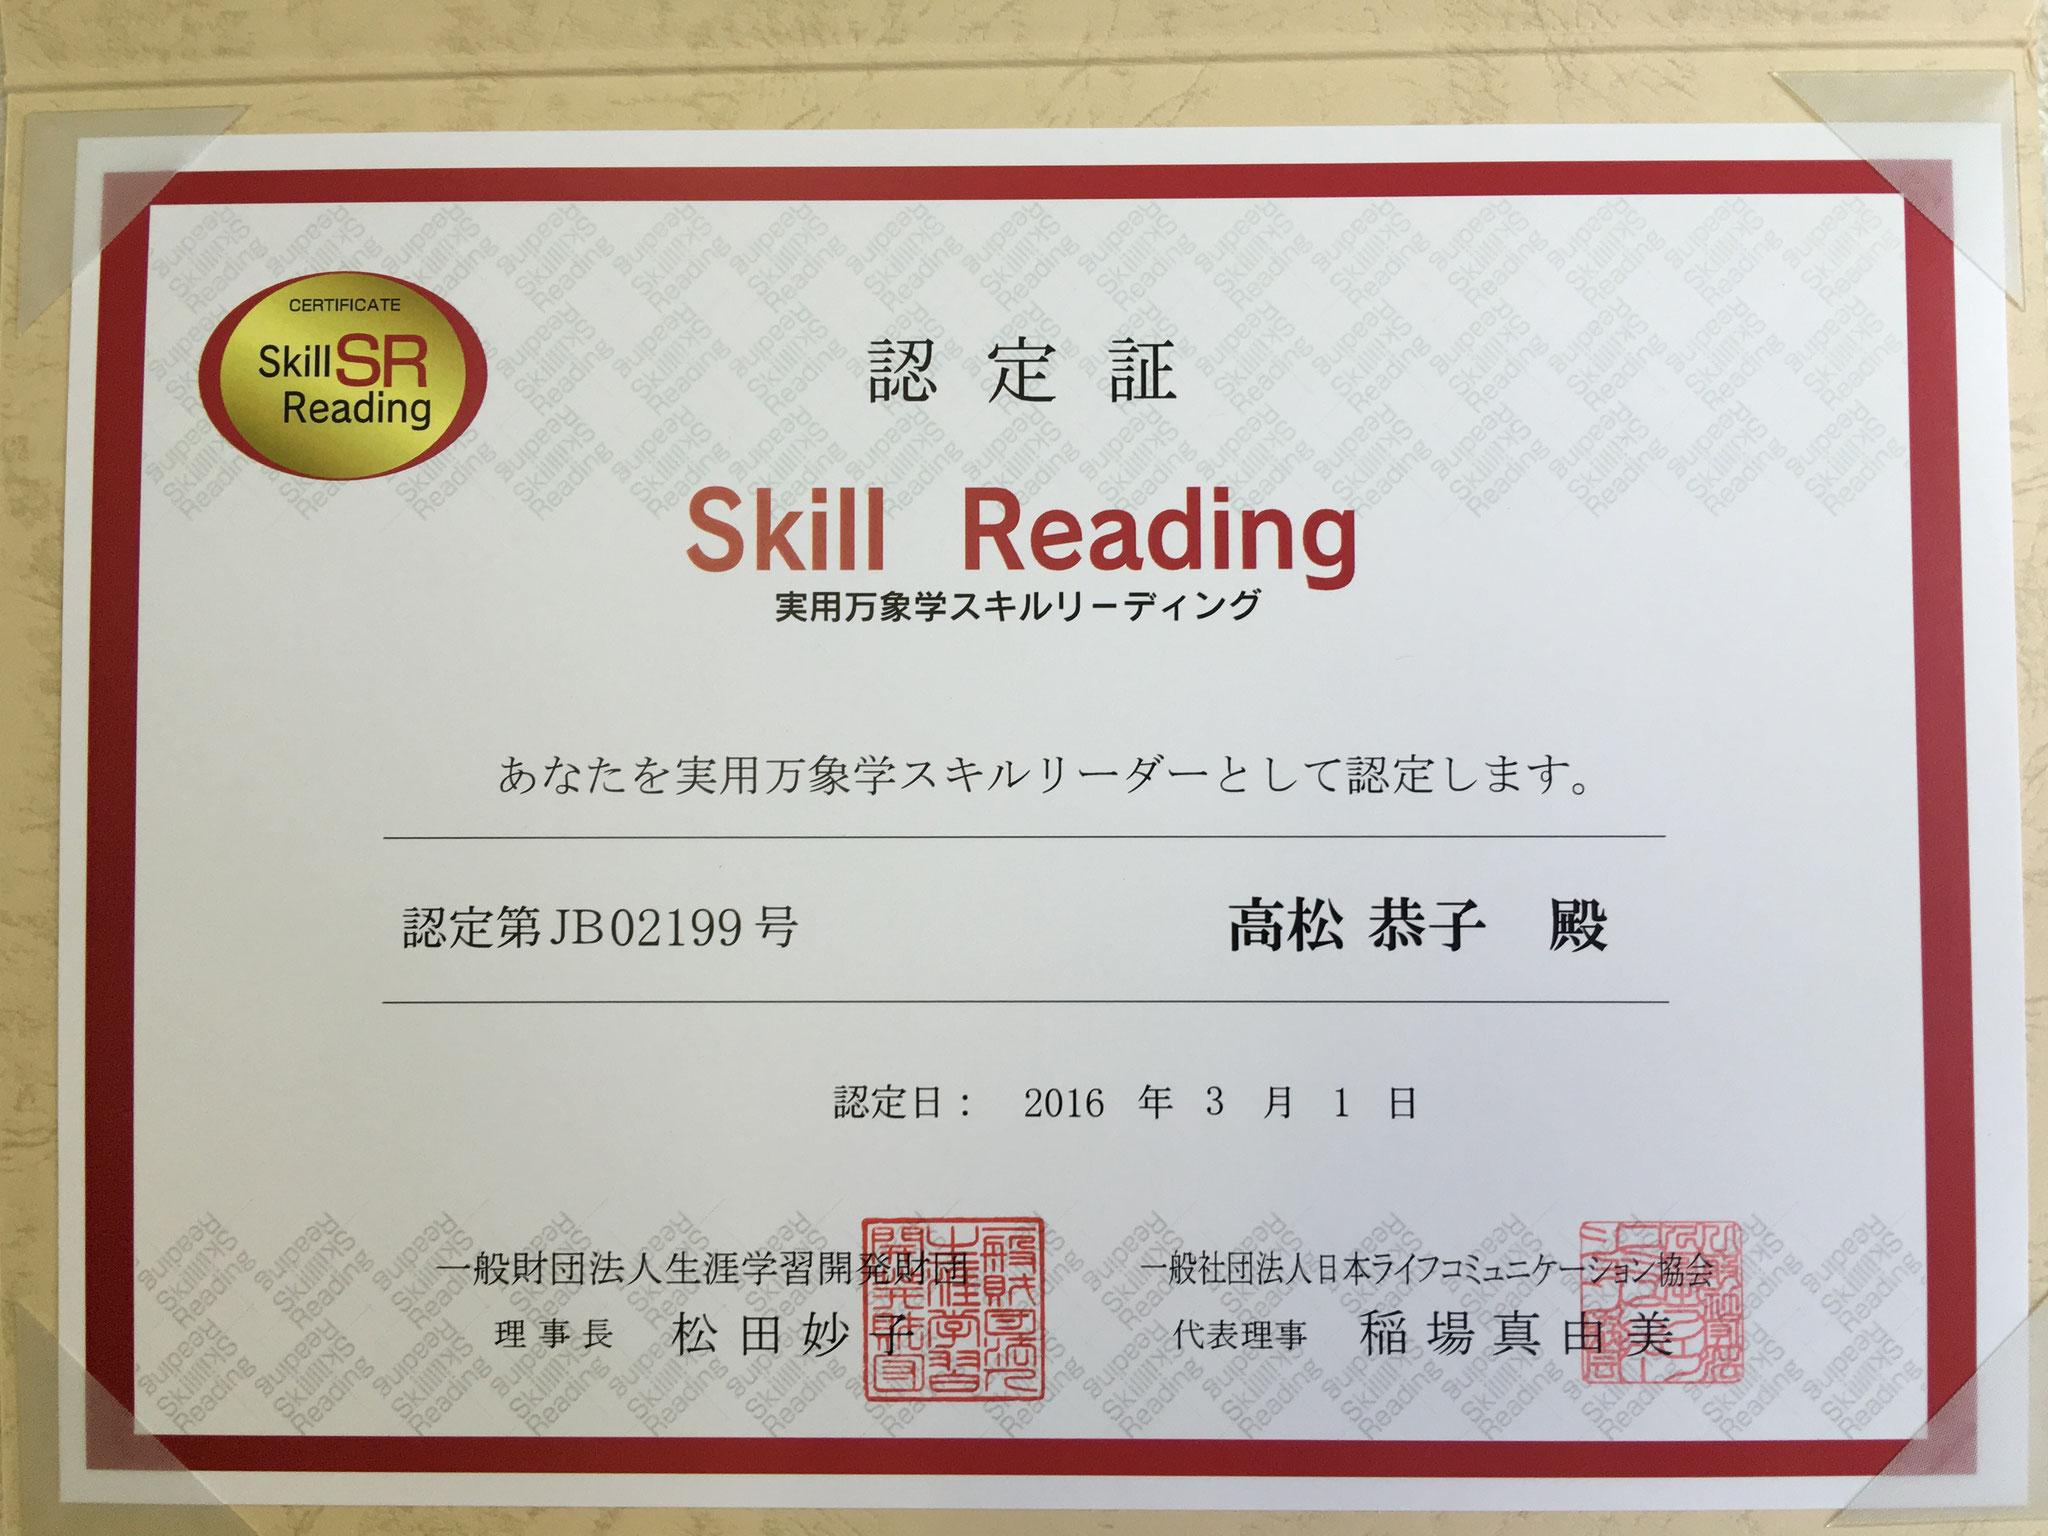 2016年3月1日 実用万象学スキルリーダー資格取得(日本ライフコミュニケーション協会認定)